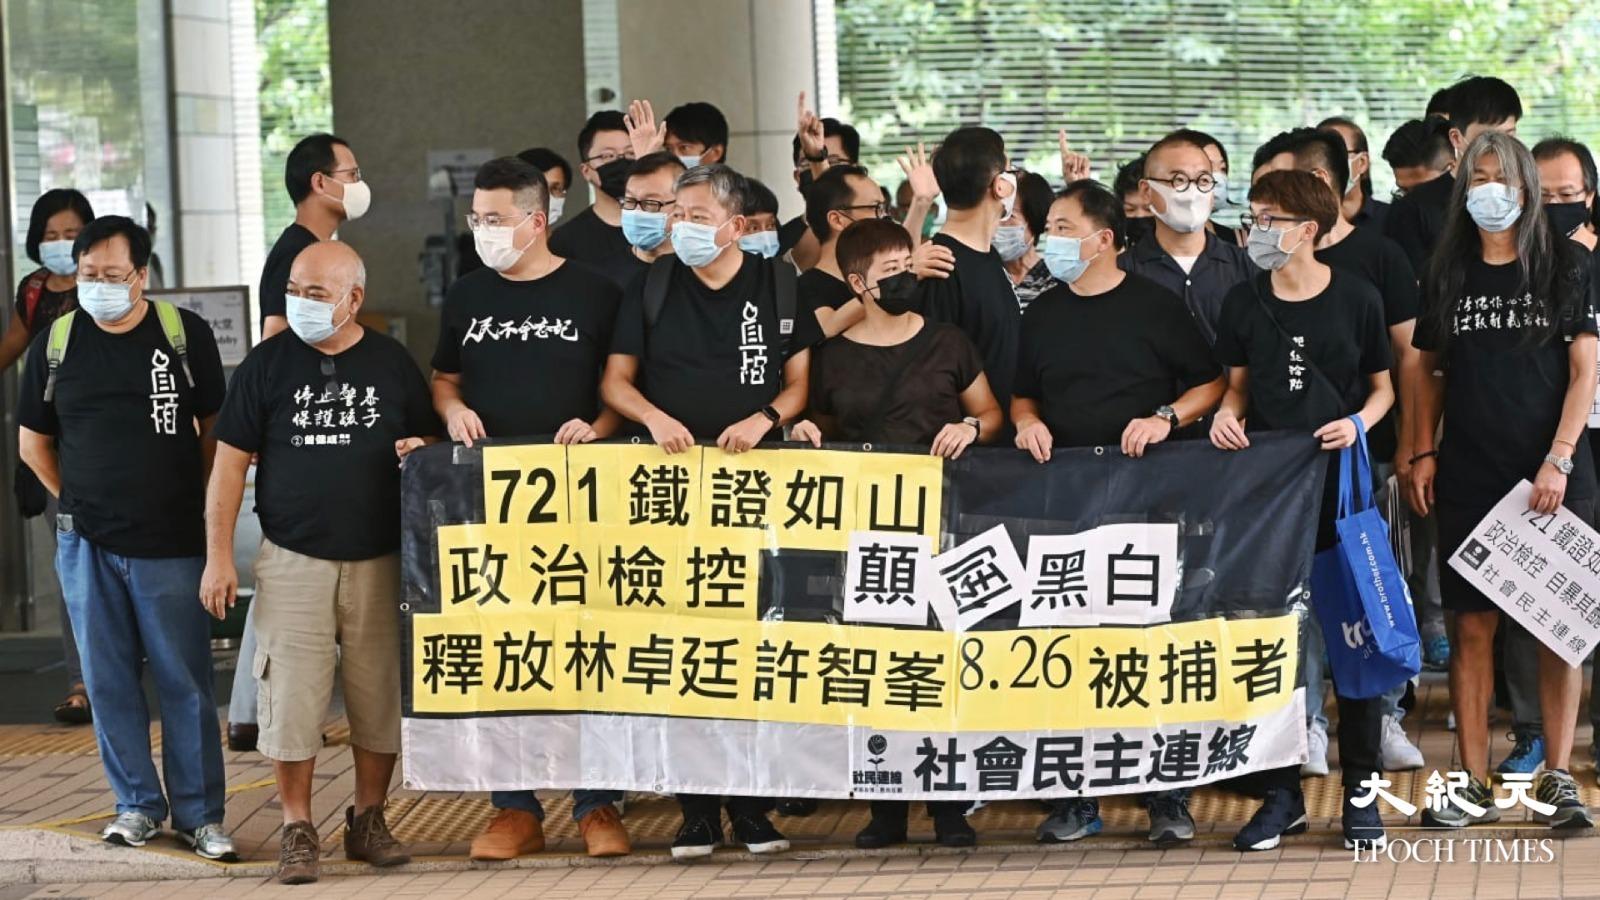 林卓廷許智峯8月27日提堂,民主派身著黑衣到場聲援。(宋碧龍/大紀元)